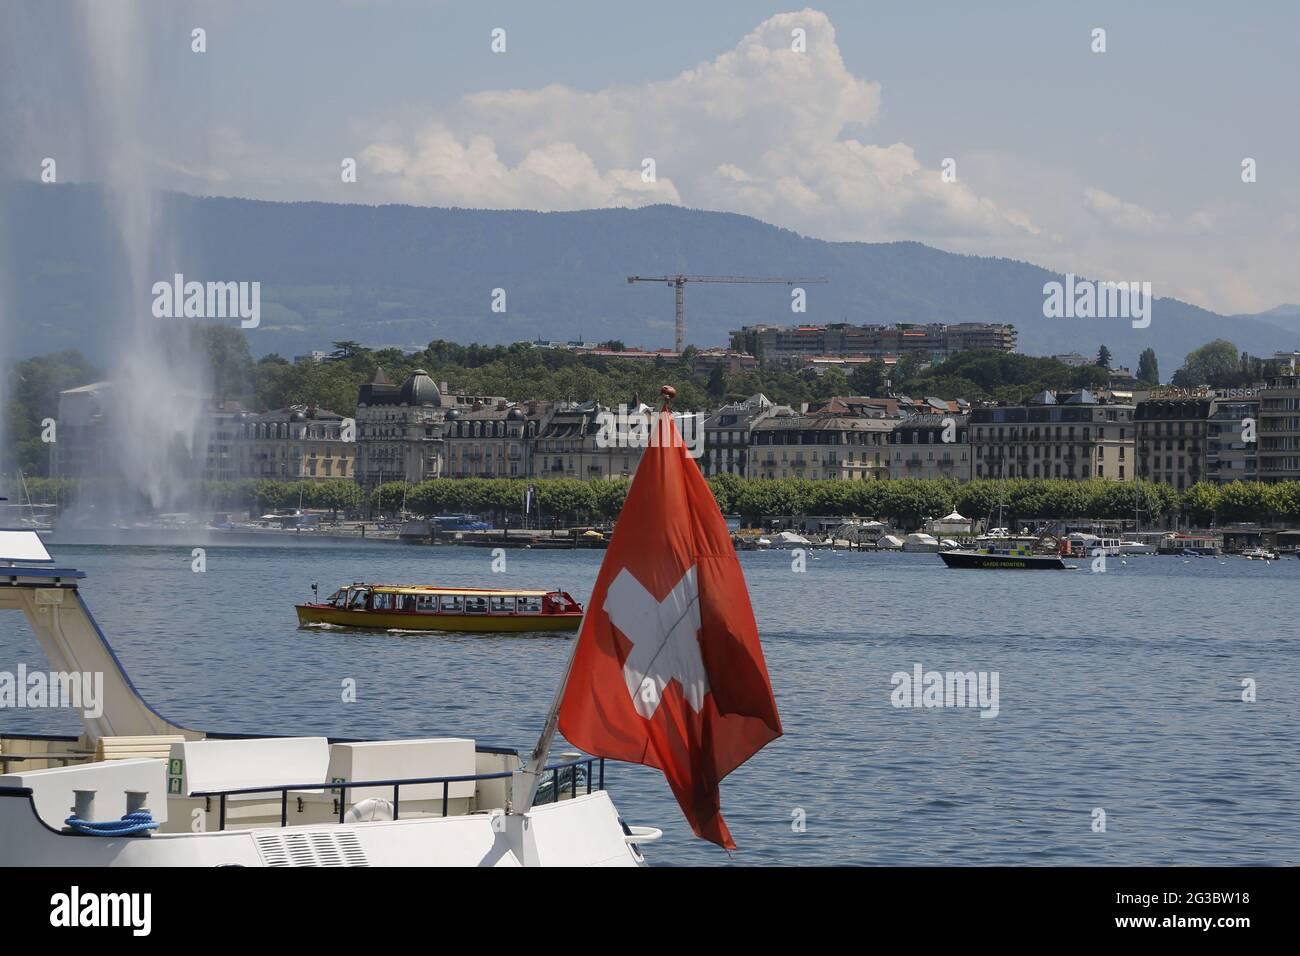 Geneva International blockierte vor dem Biden-Putin-Gipfel morgen, dem 16. Juni 2021. Die Stadt Genf blockierte vor dem morgigen Gipfel am 16. Juni 2021 mit seinem Amtskollegen, dem russischen Präsidenten Wladimir Putin, den Place des Nations, wo US-Präsident Joe Biden wohnen wird, den Flaggenwechsel auf der 'Mont Blanc'-Brücke und den berühmten Genfer Wasserbrunnen, der für die Öffentlichkeit gesperrt war. Schweiz Genf, Juni 15 2021. Foto von Francois Glories/ABACAPRESS.COM Stockfoto